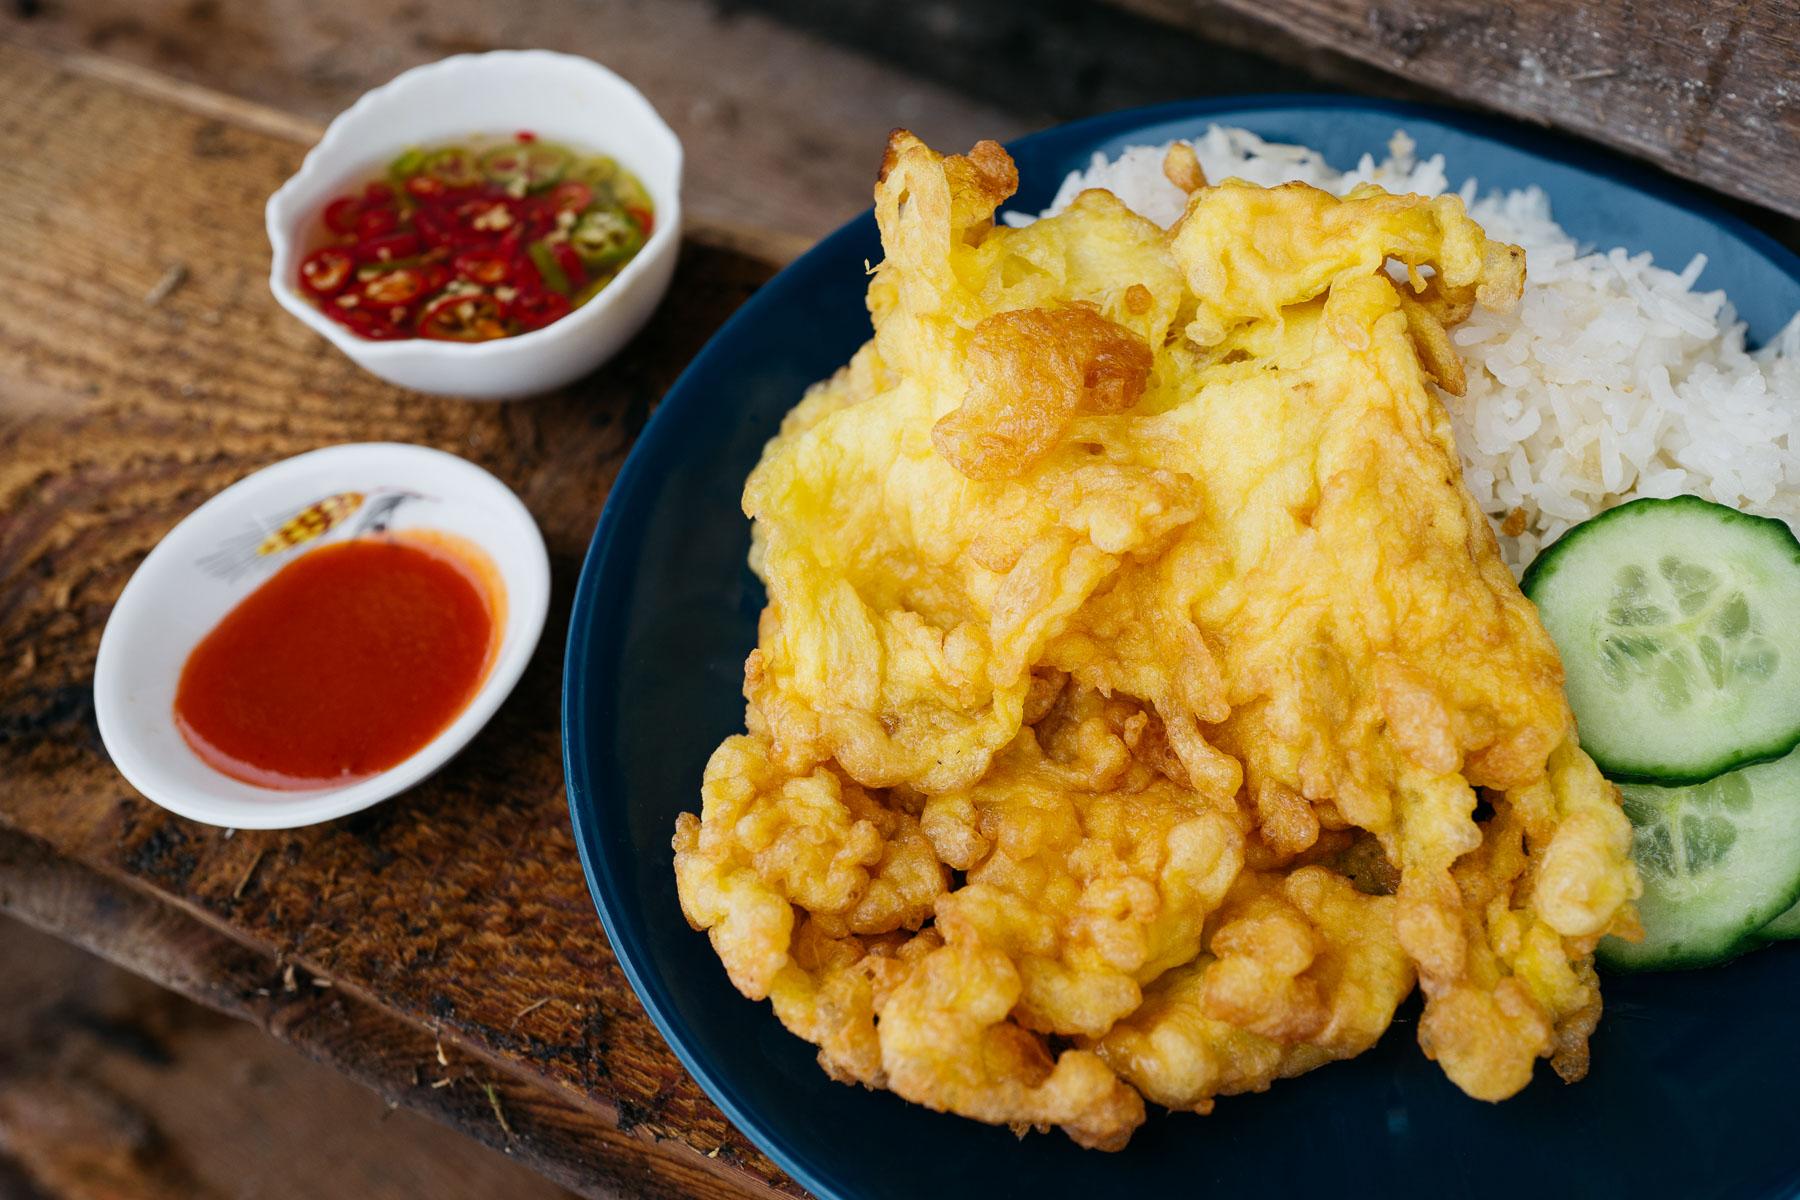 Tajski omlet khai jiao (ไข่เจียว)